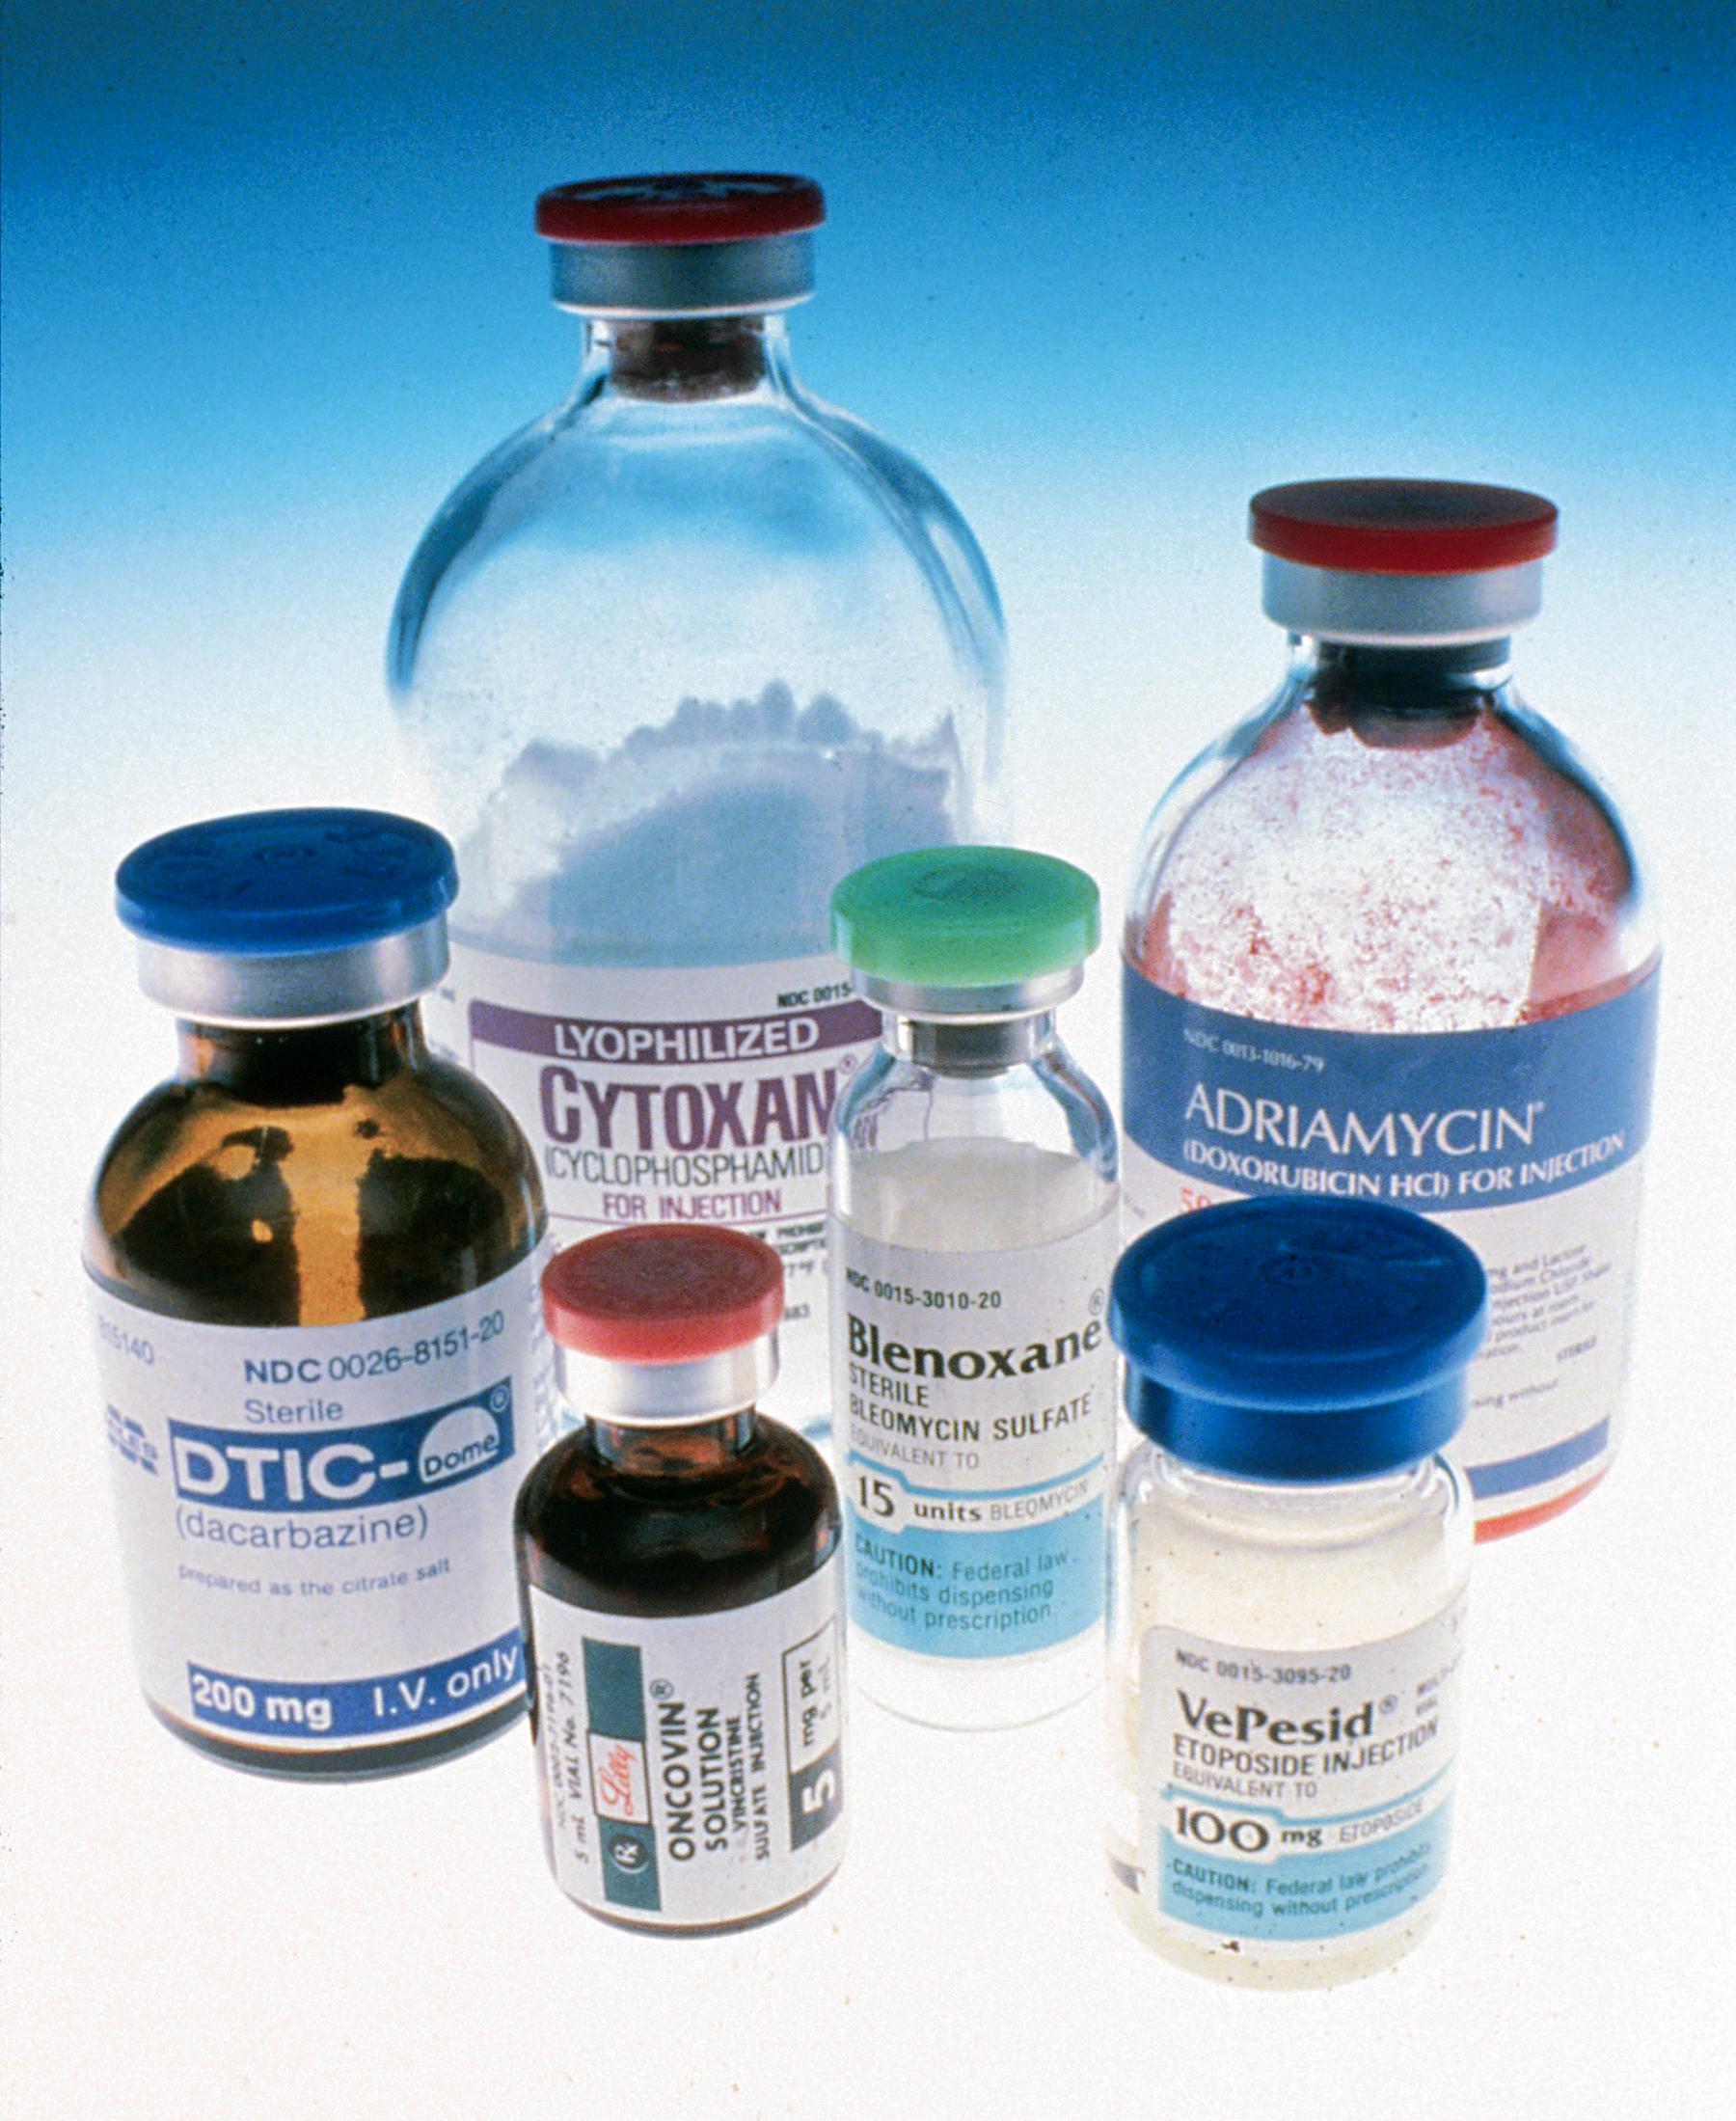 JELENTÉS a gyógyszerekhez való hozzájutás javításának uniós lehetőségeiről